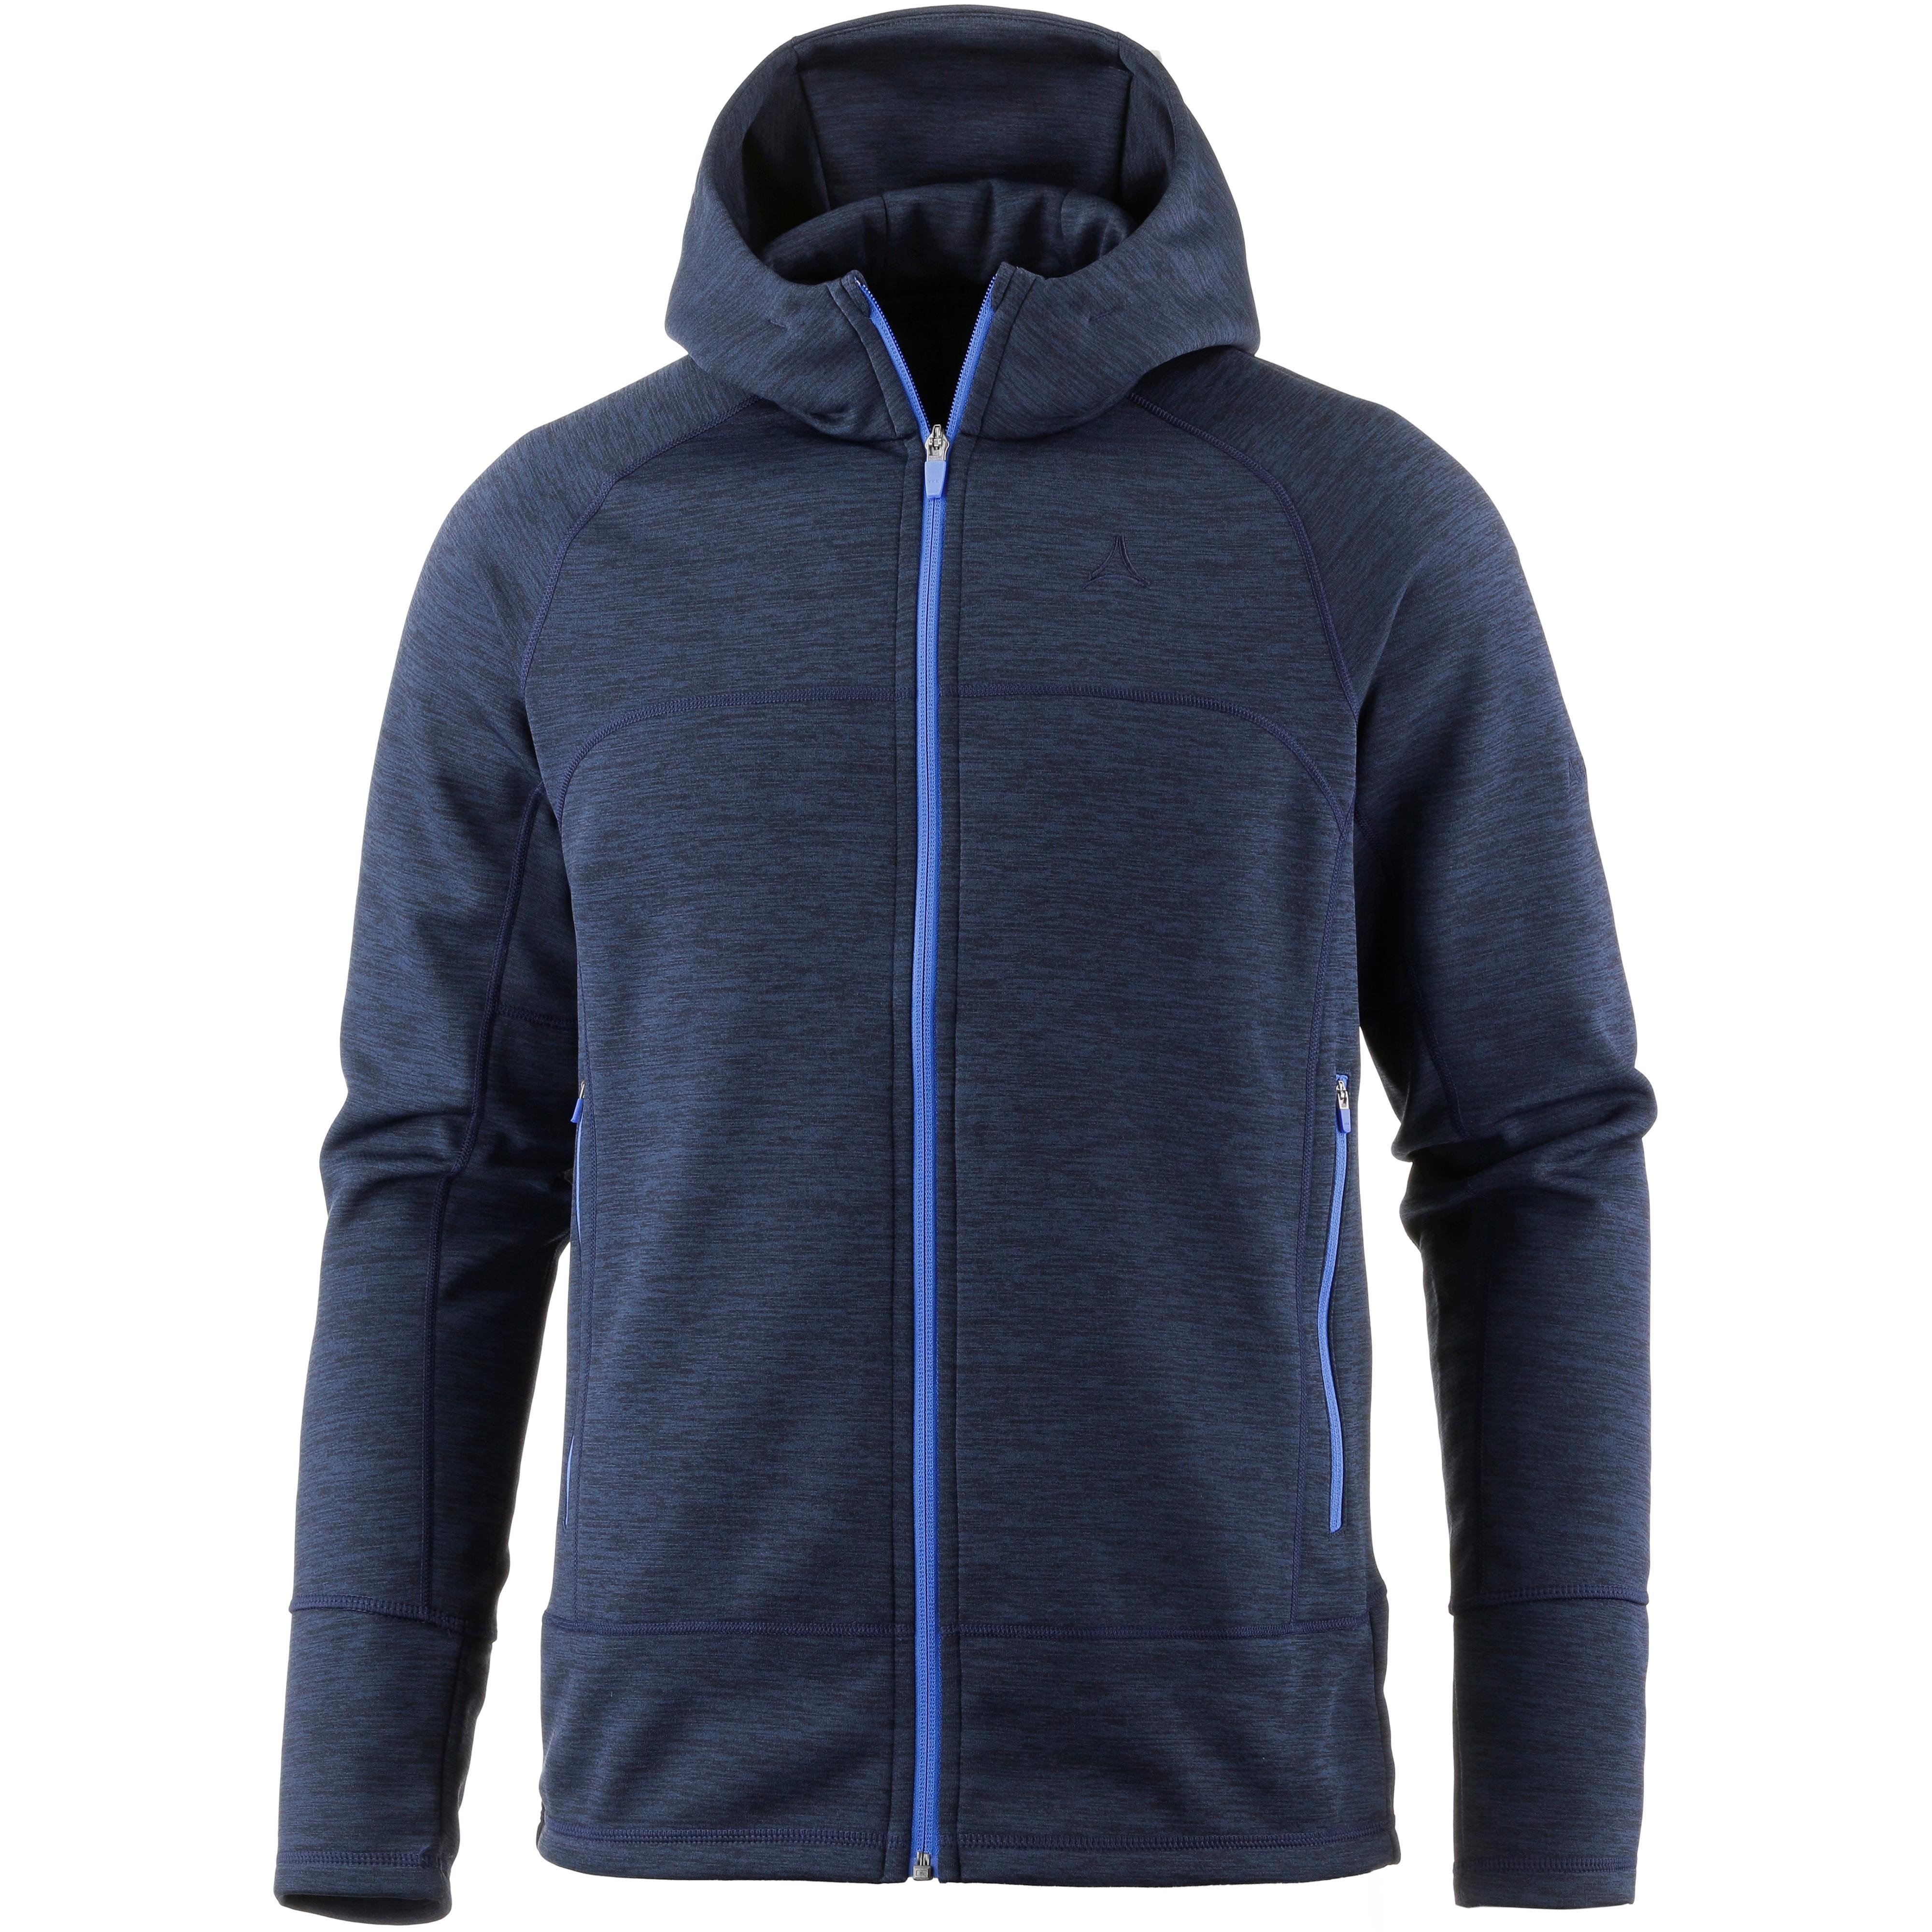 schoeffel jacken f�r herren im online shop von sportscheck kaufen  sch�ffel trentino fleecejacke herren navy blazer